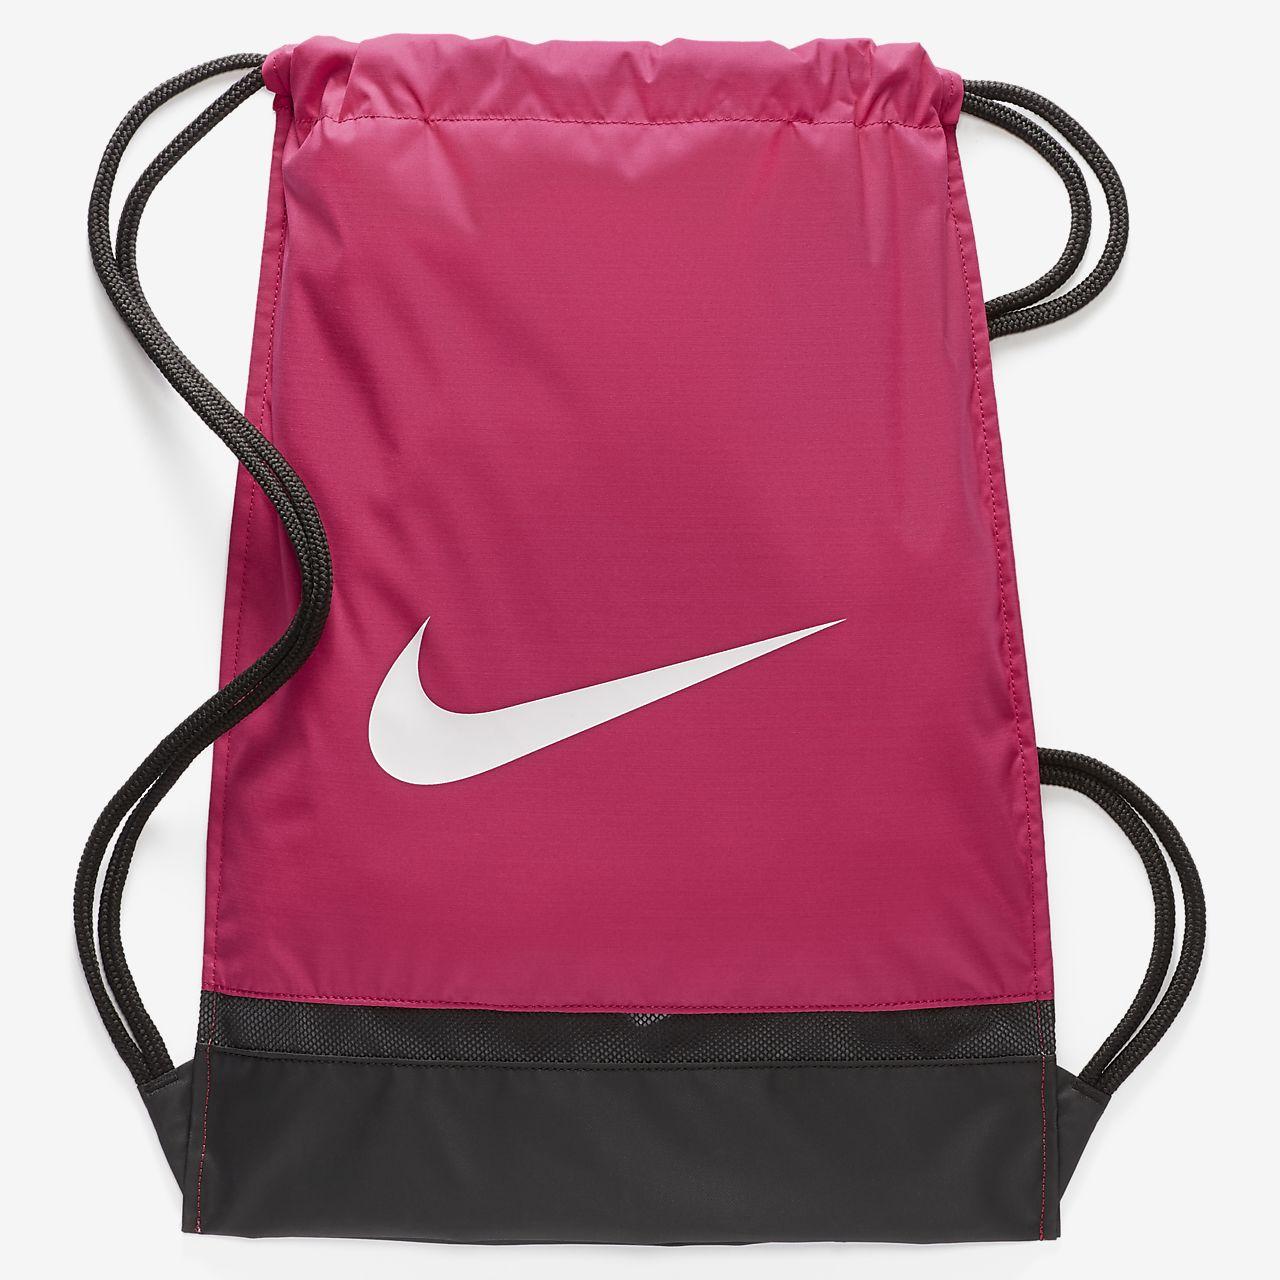 Nike Brasilia Saco de gimnasia de entrenamiento